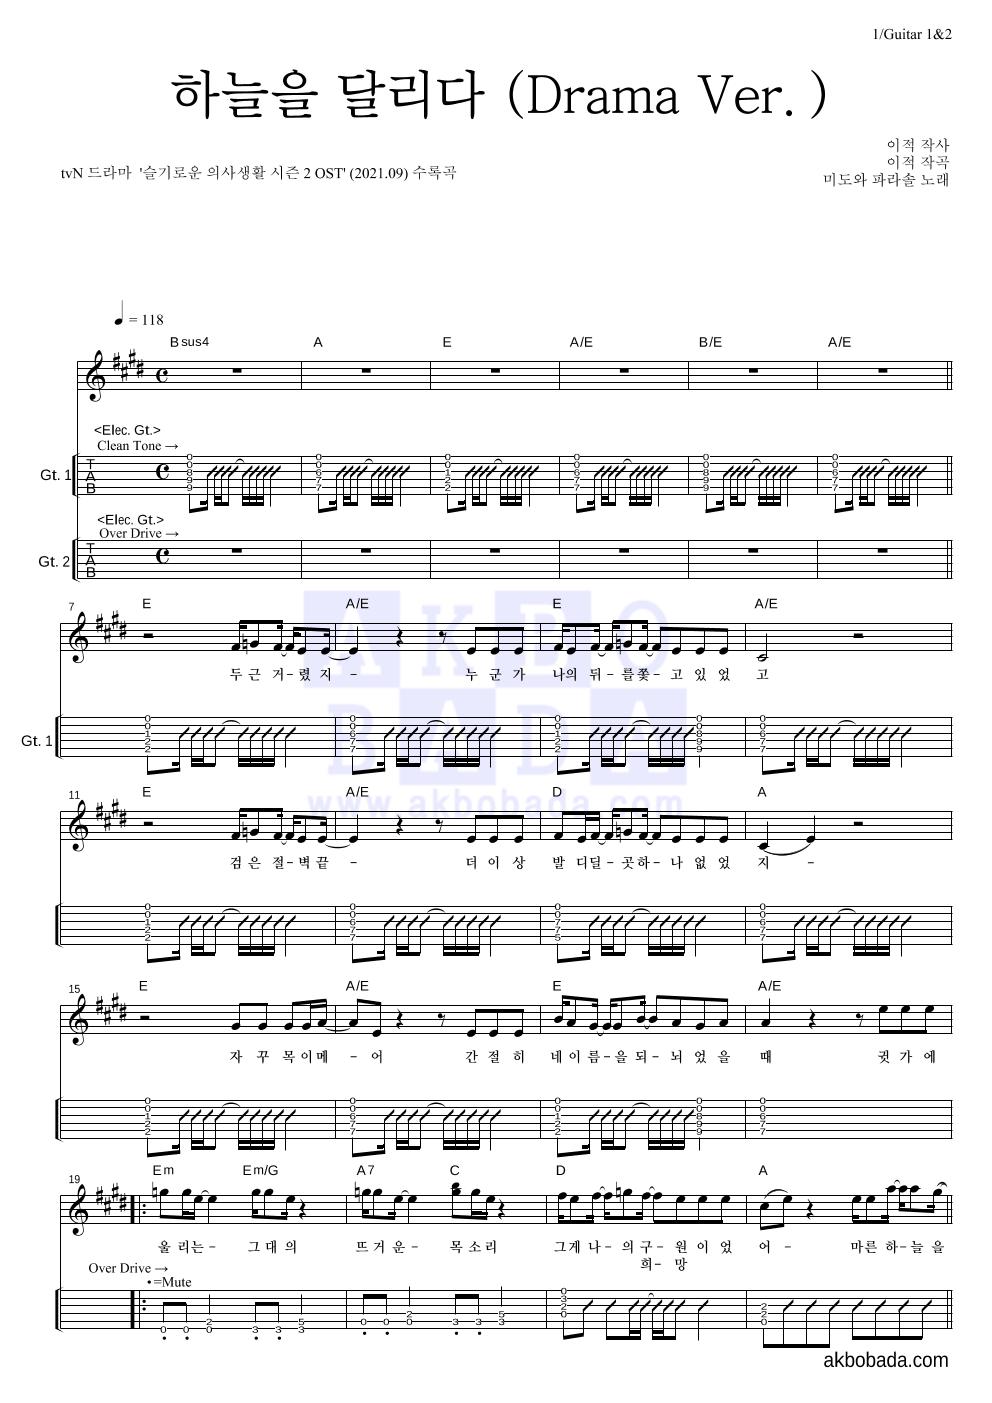 미도와 파라솔 - 하늘을 달리다 (Drama Ver.) 기타(Tab) 악보